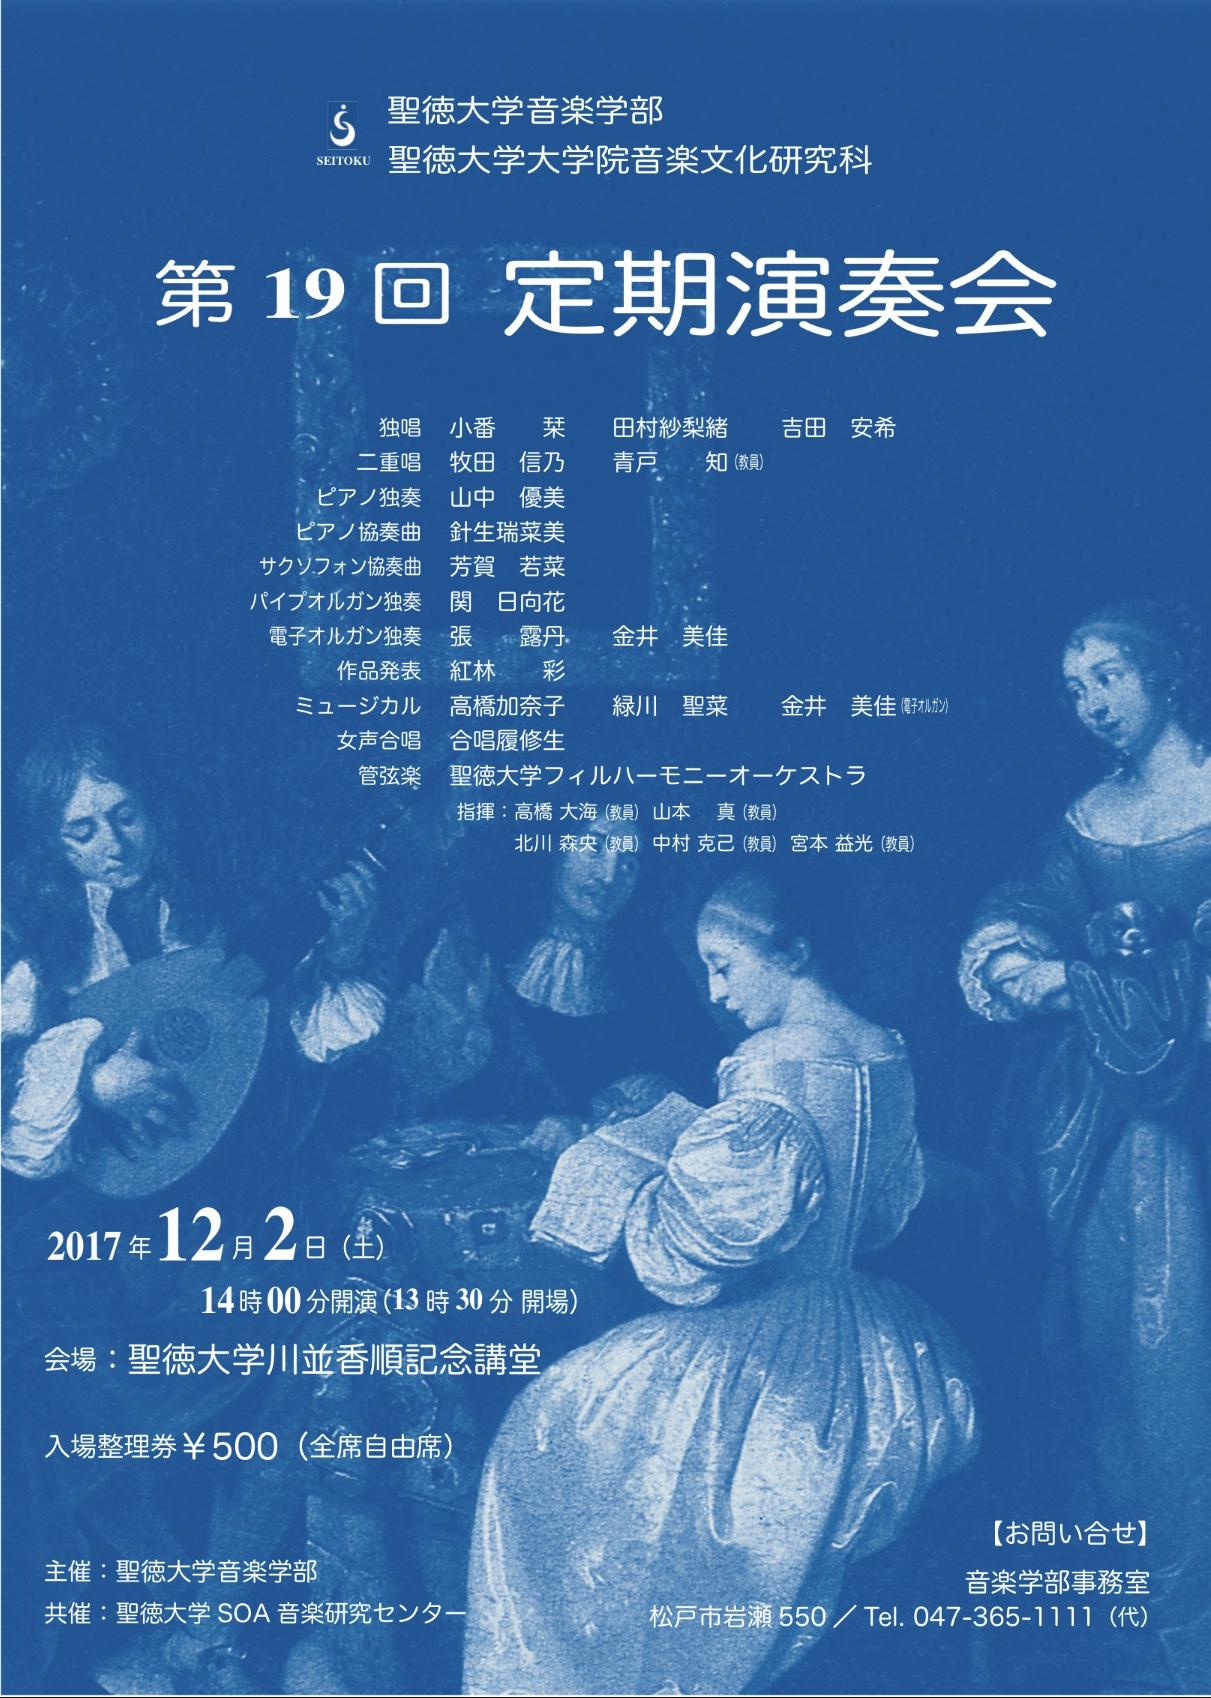 12月2日(土)、 第19回定期演奏会を開催します!